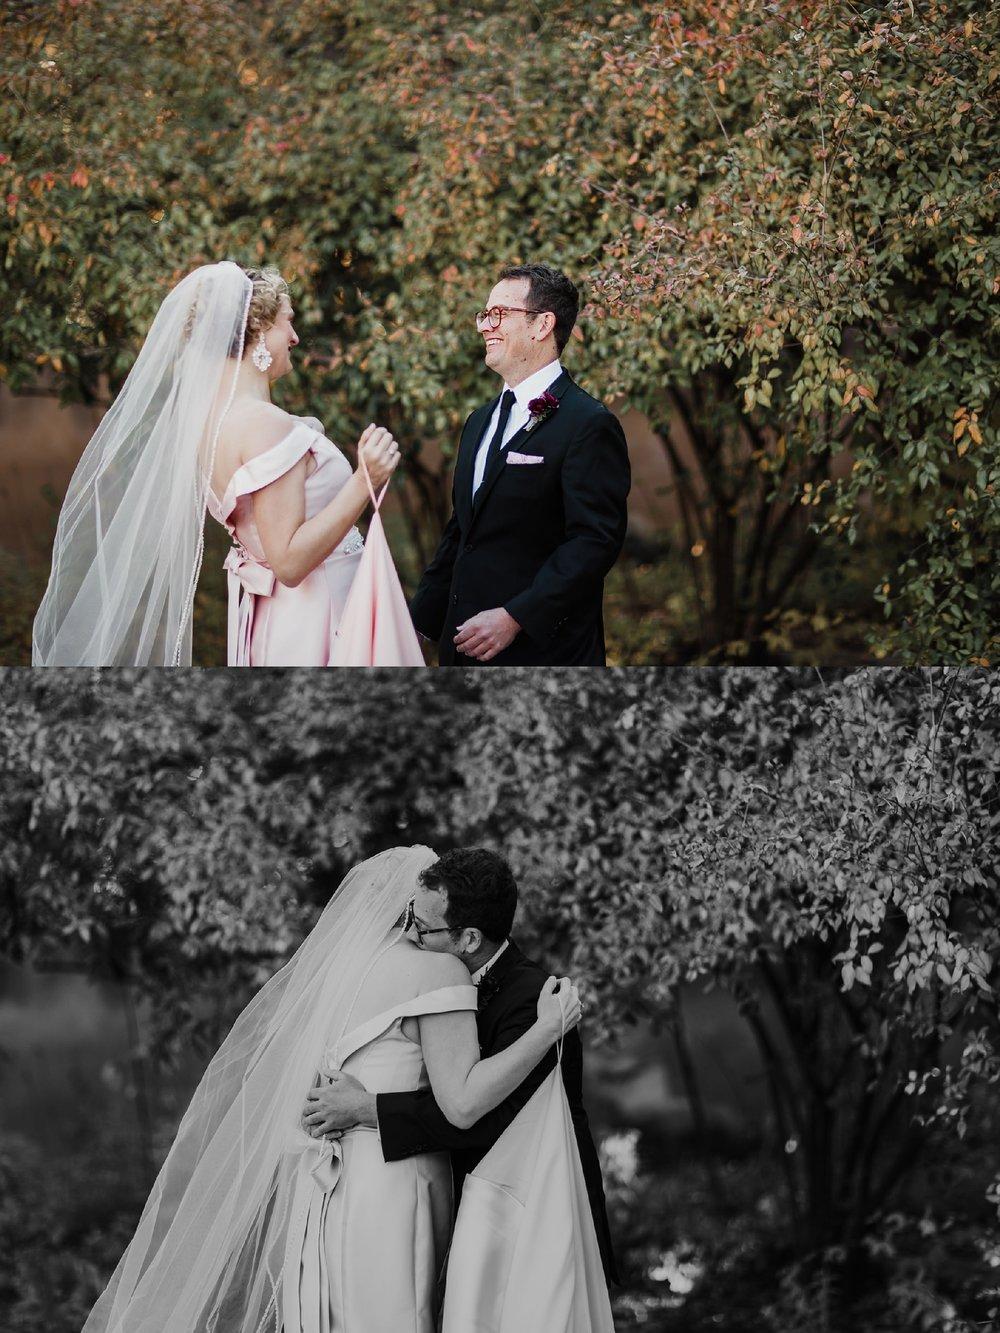 Alicia+lucia+photography+-+albuquerque+wedding+photographer+-+santa+fe+wedding+photography+-+new+mexico+wedding+photographer+-+new+mexico+wedding+-+albuquerque+wedding+-+los+poblanos+wedding+-+fall+wedding_0013.jpg